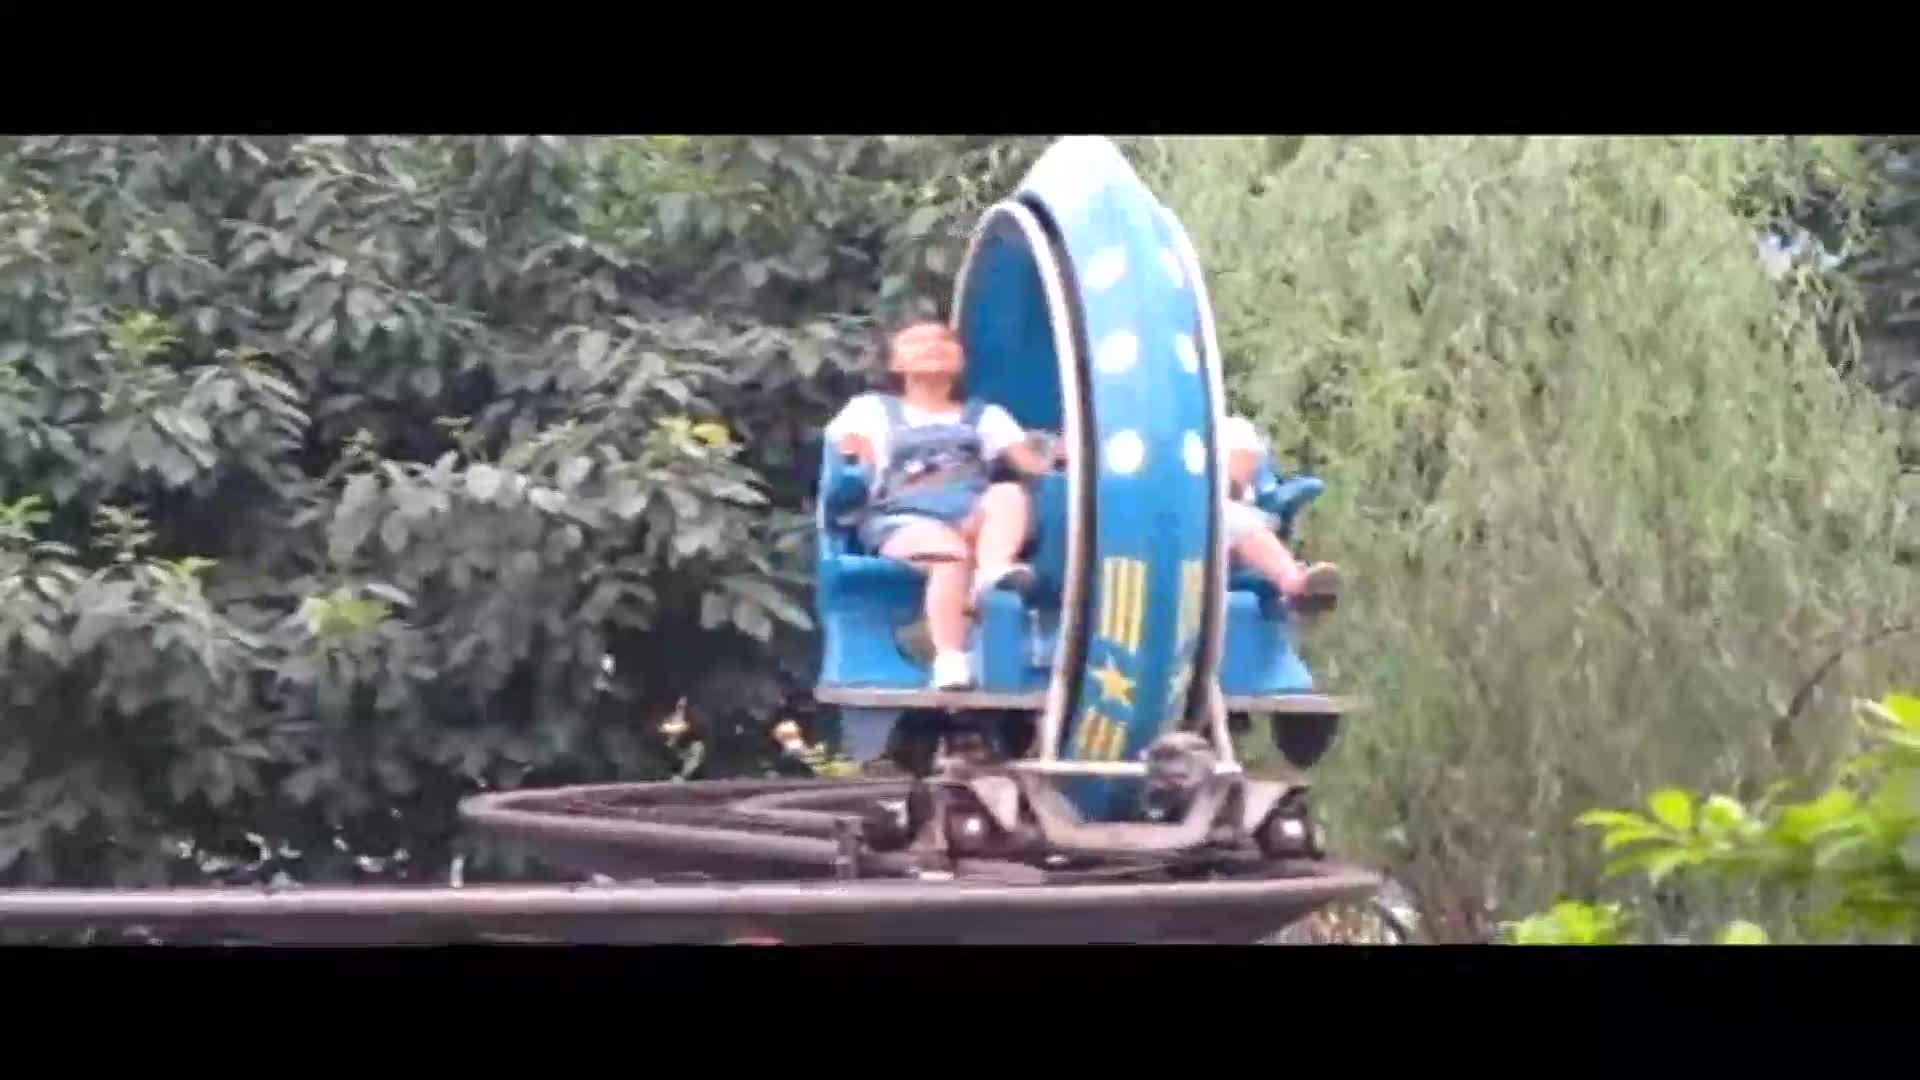 Spielplatz Vergnügungspark Ausrüstung Orbit Reitet fahrrad stick zug